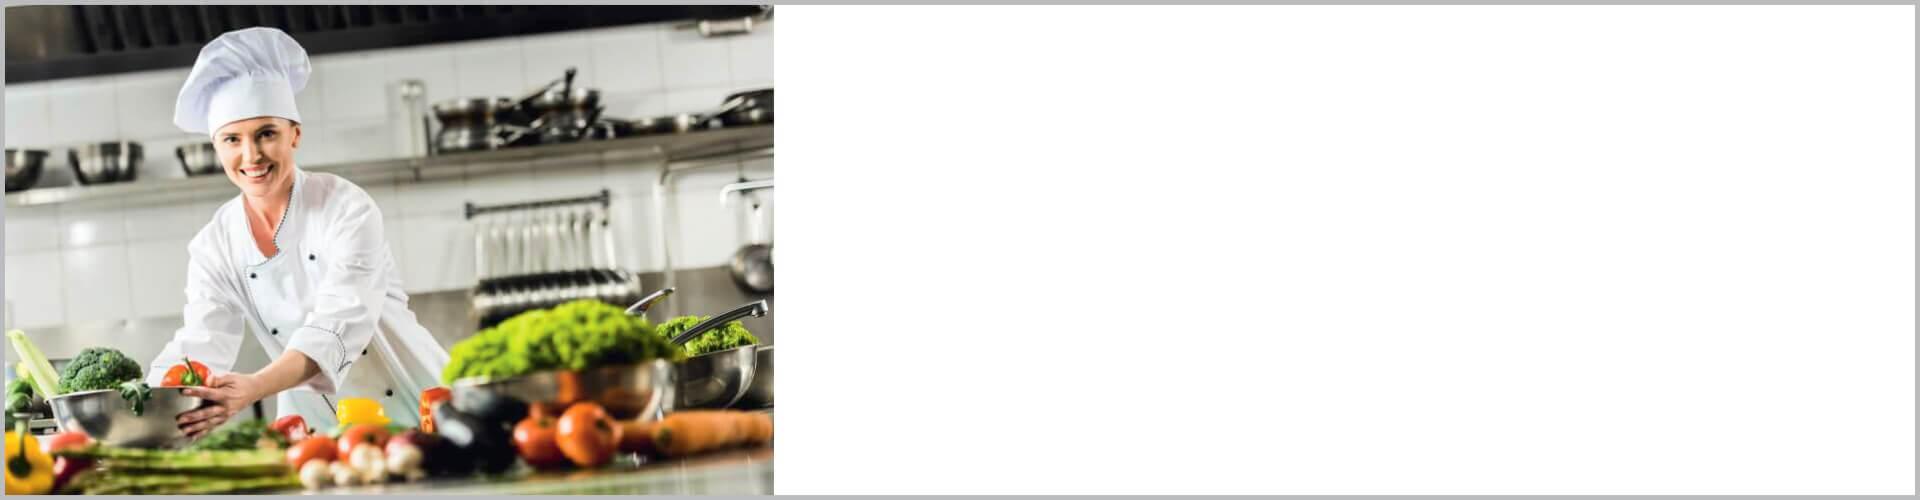 portius-restauracja-obiad-niedzielny-1